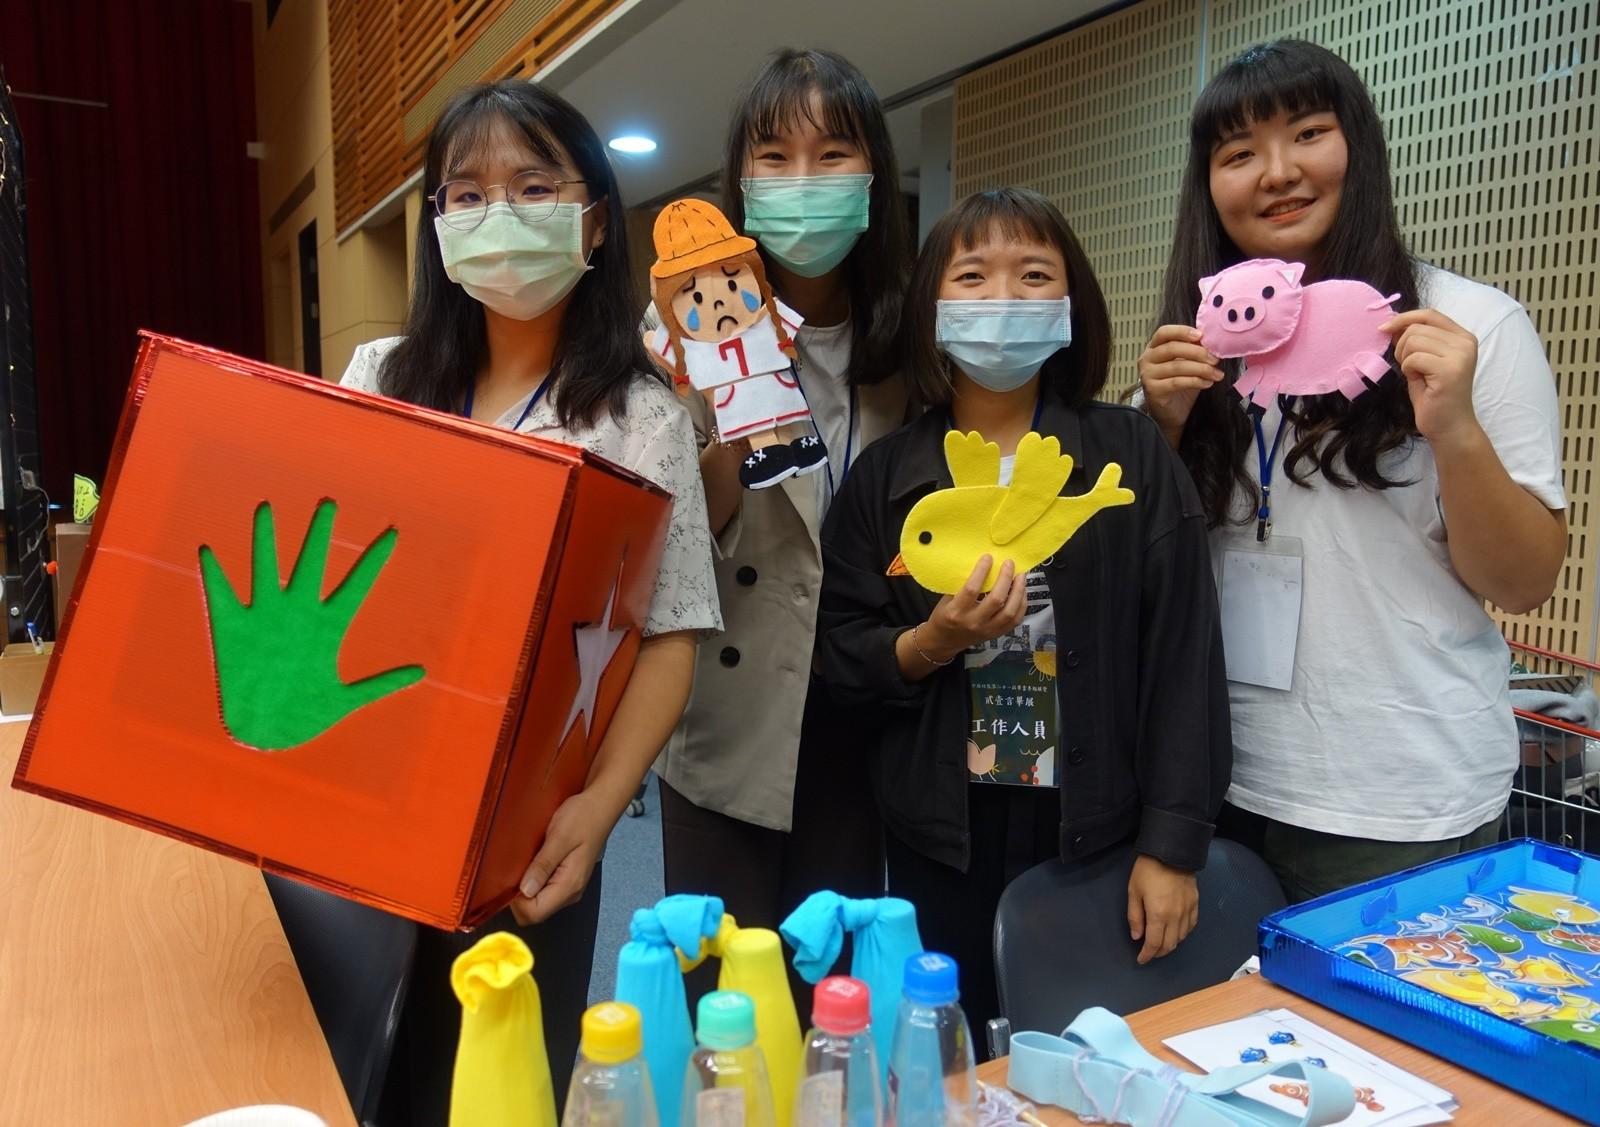 中原大學特教系畢業展,學生發揮創意與巧思,製作幼兒多感官教學教具。.jpg